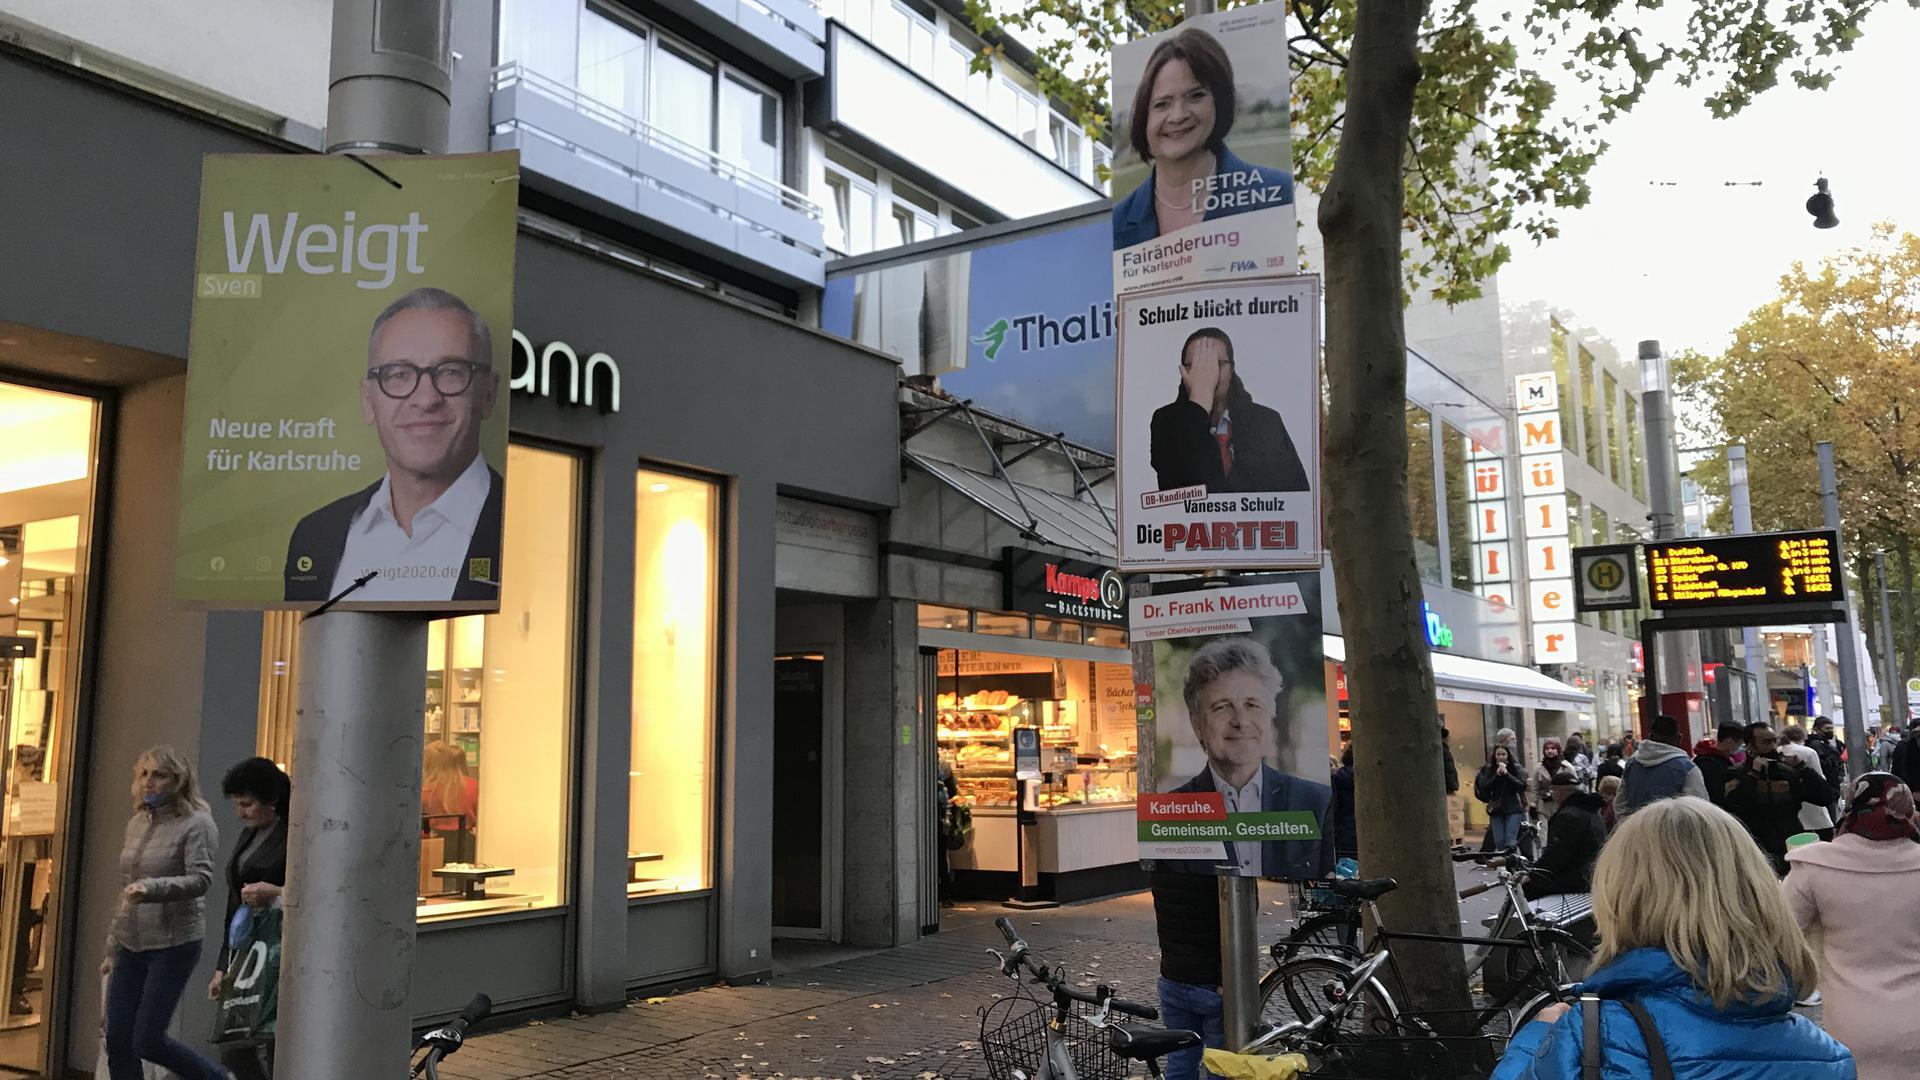 Stapelweise Lächeln: In der Kaiserstraße präsentieren sich vier OB-Kandidaten.